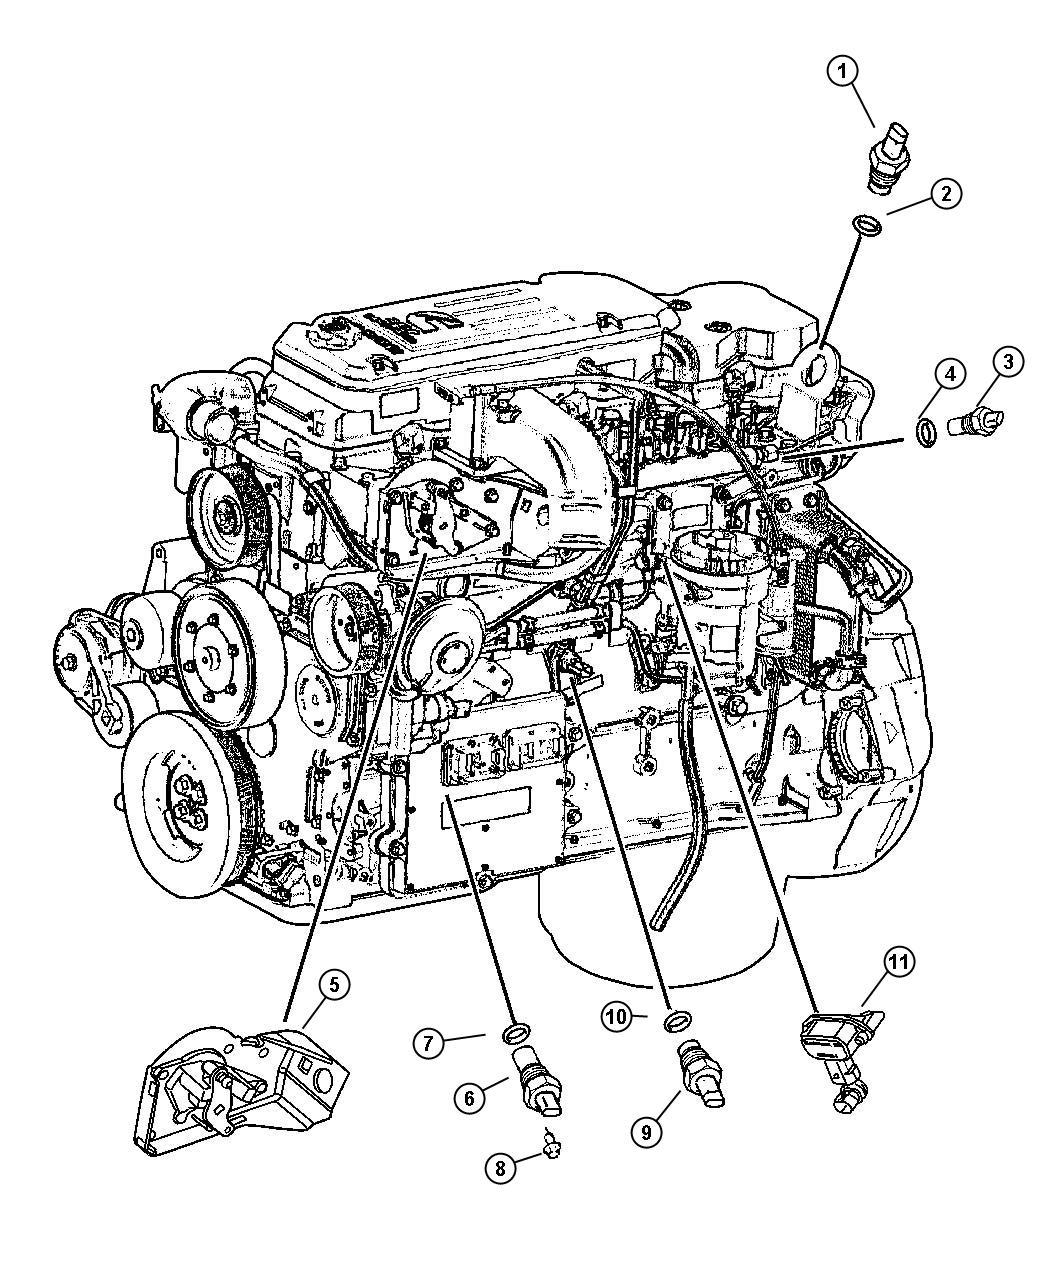 tags: #1995 chevy lumina parts diagram#1996 chevy lumina engine diagram# chevy 3#1993 chevy lumina engine diagram#2001 chevy lumina engine diagram#1993  chevy